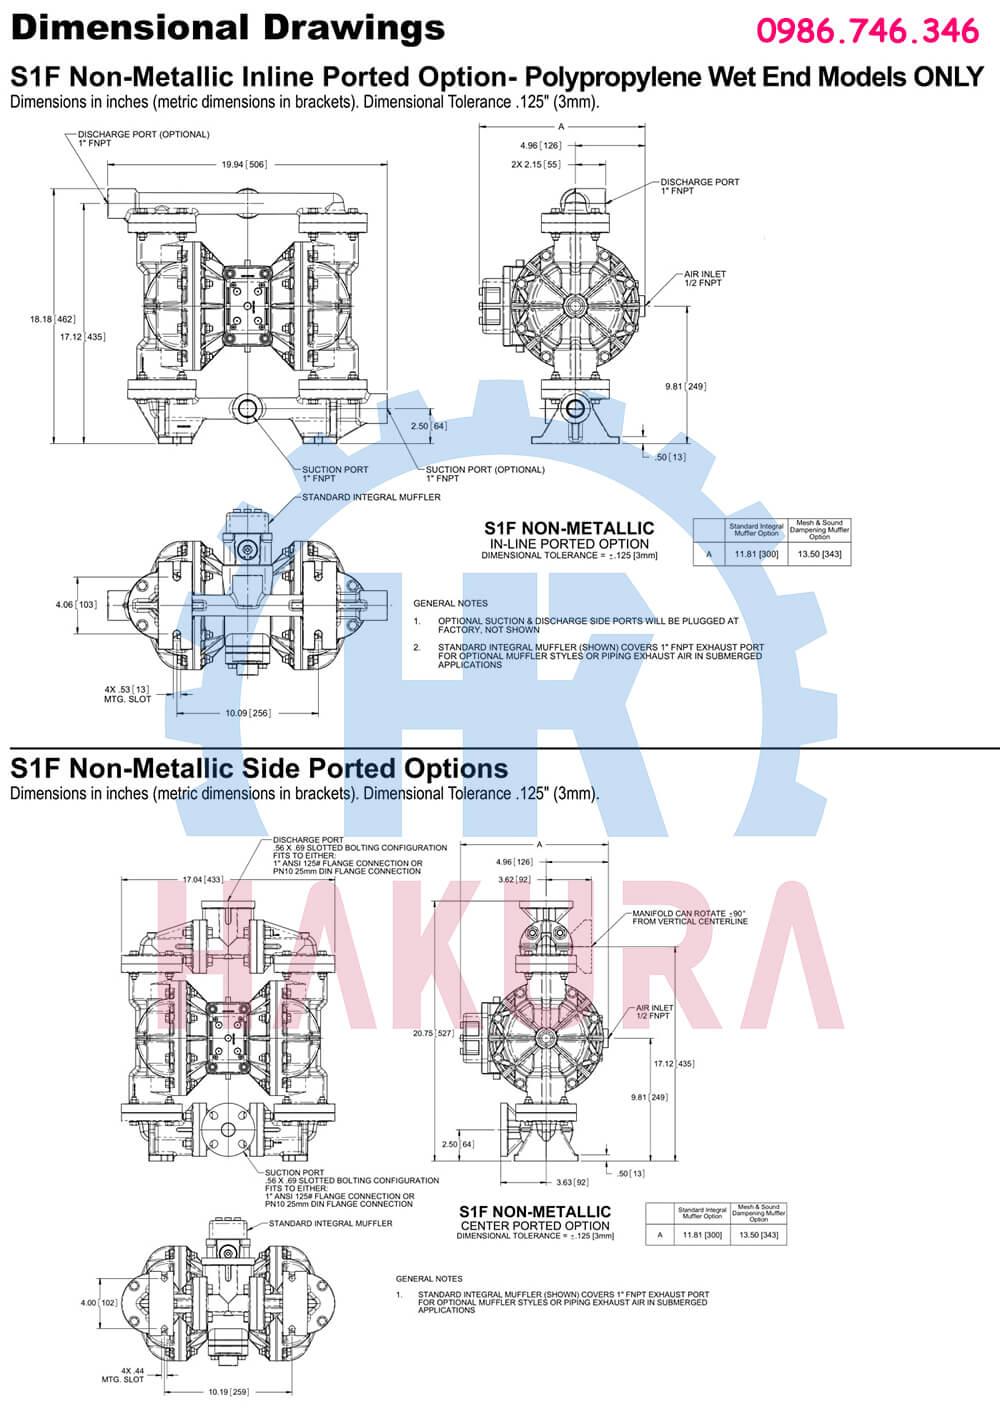 Bản vẽ cấu tạo bơm màng Sandpiper S1FB1ANWABS100 - 1